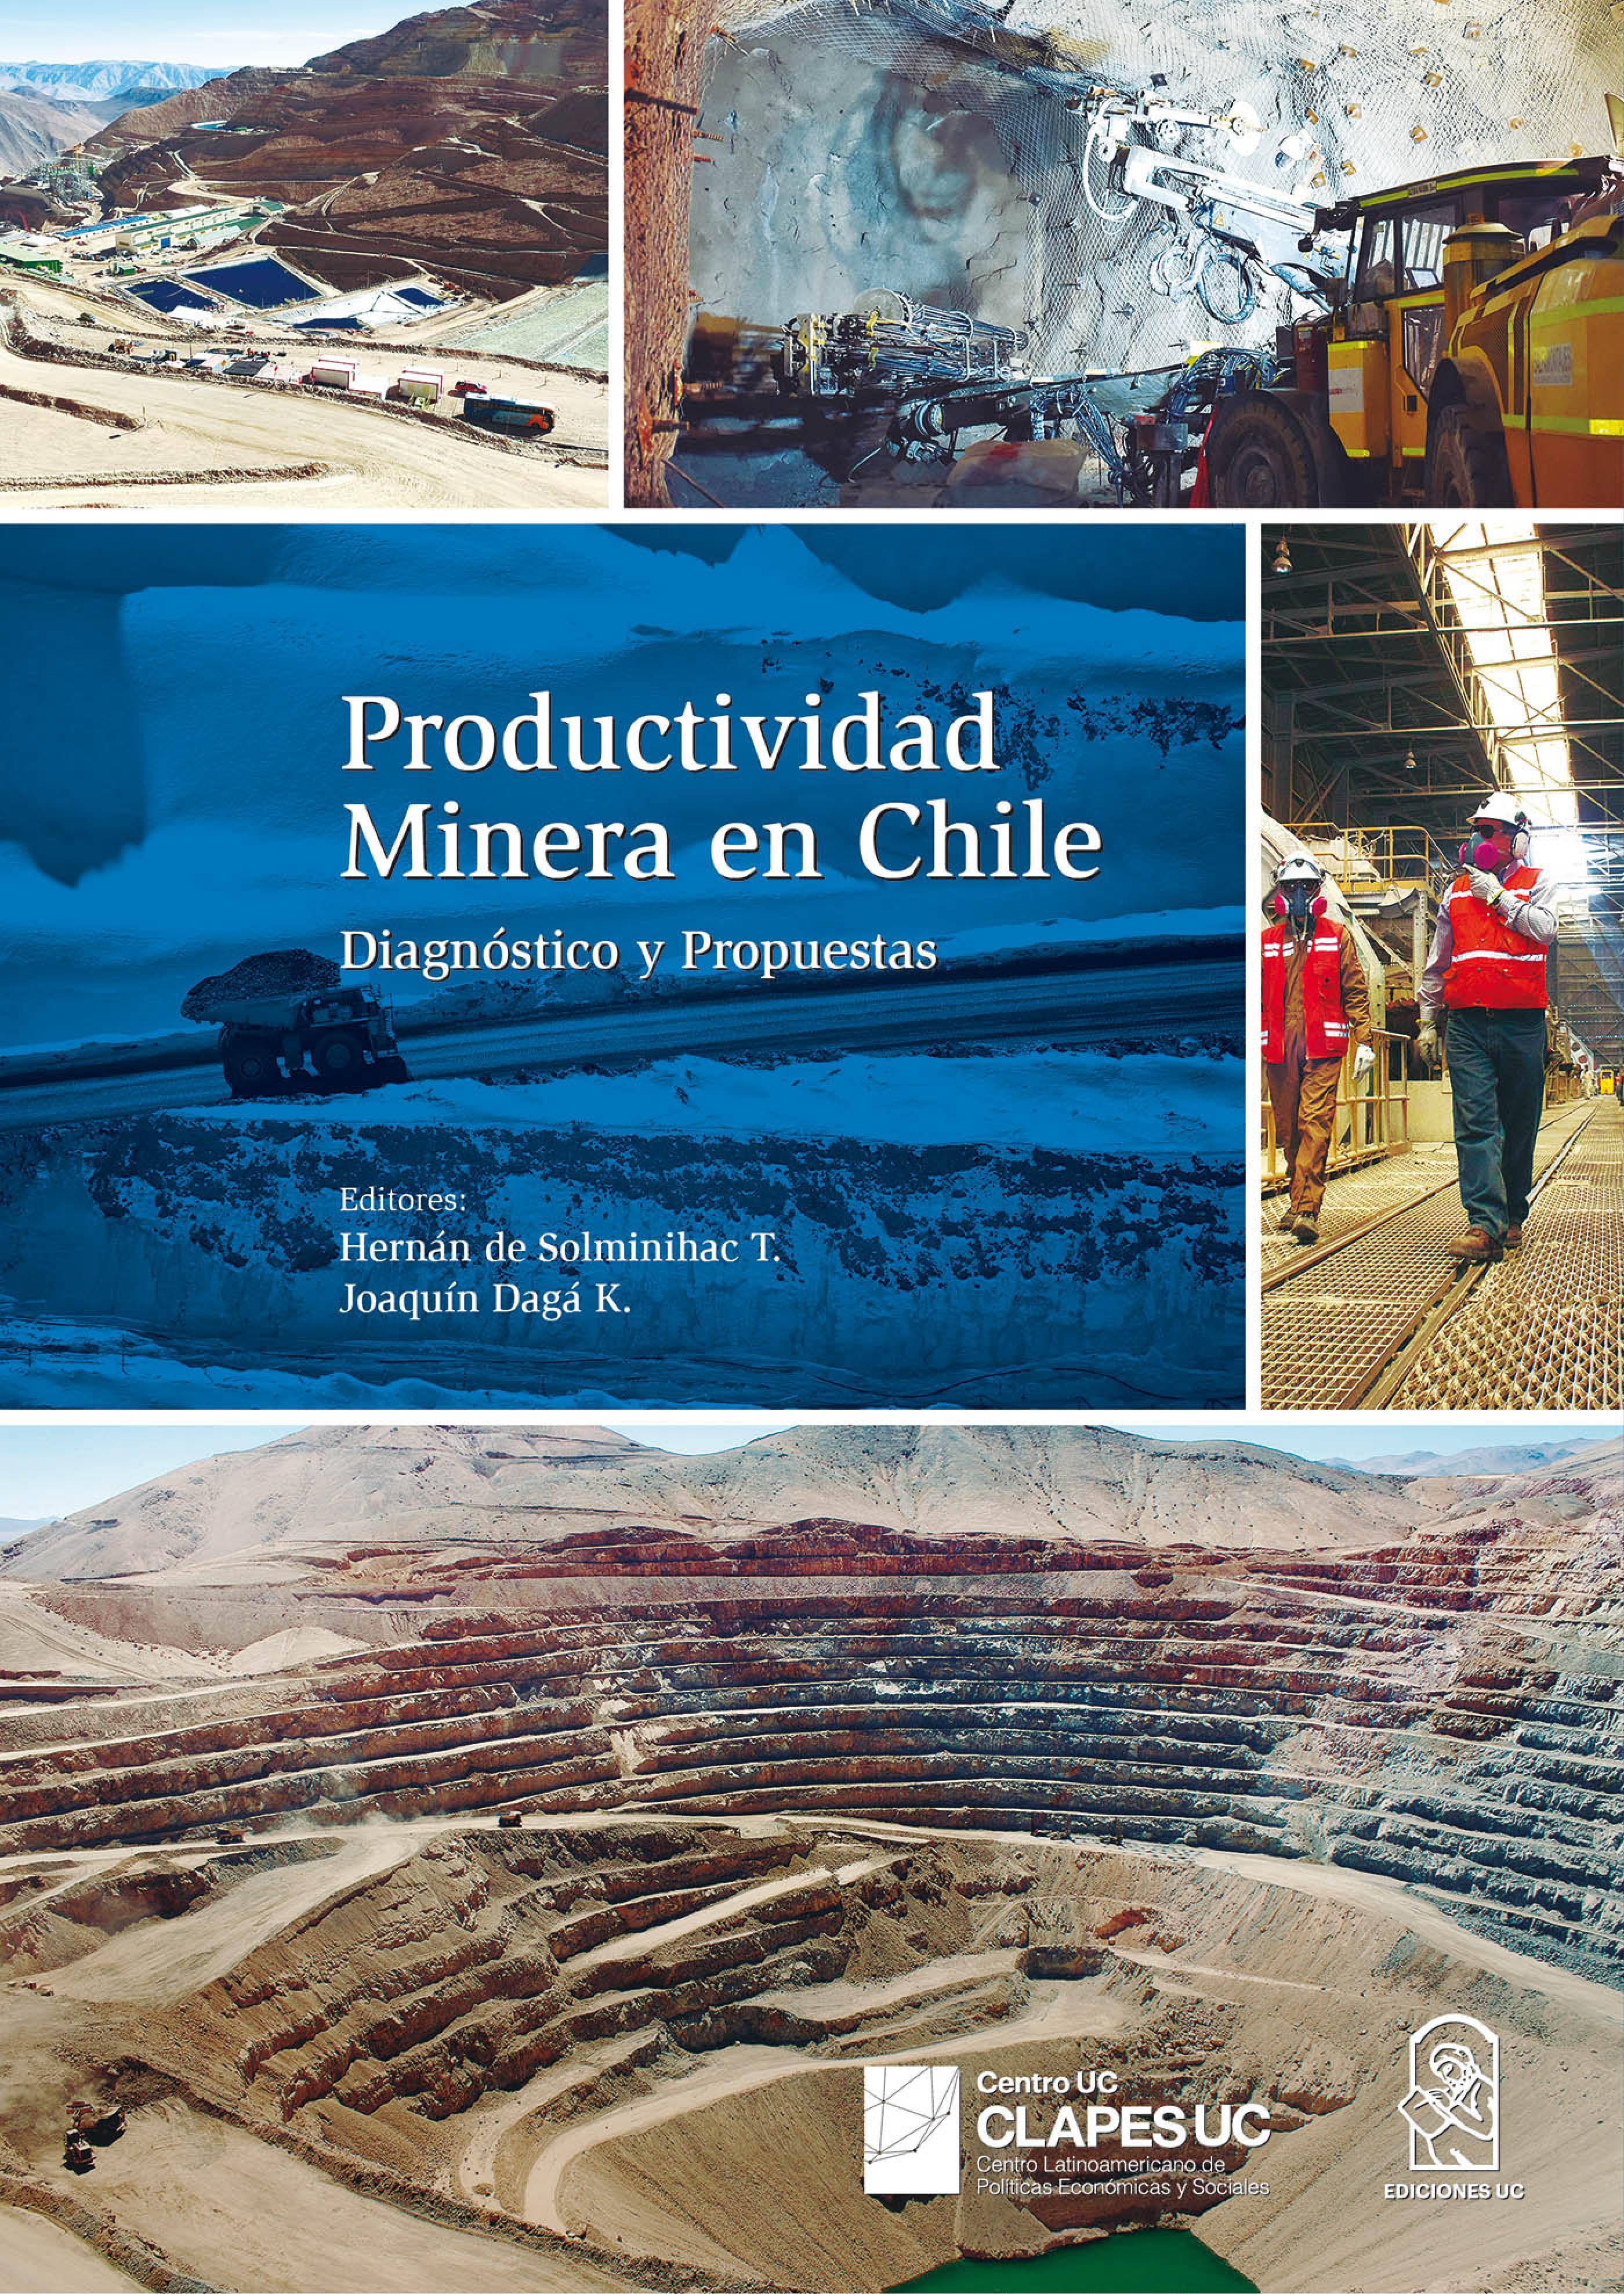 Joaquín Daga K. Productividad Minera en Chile paty cantú chile